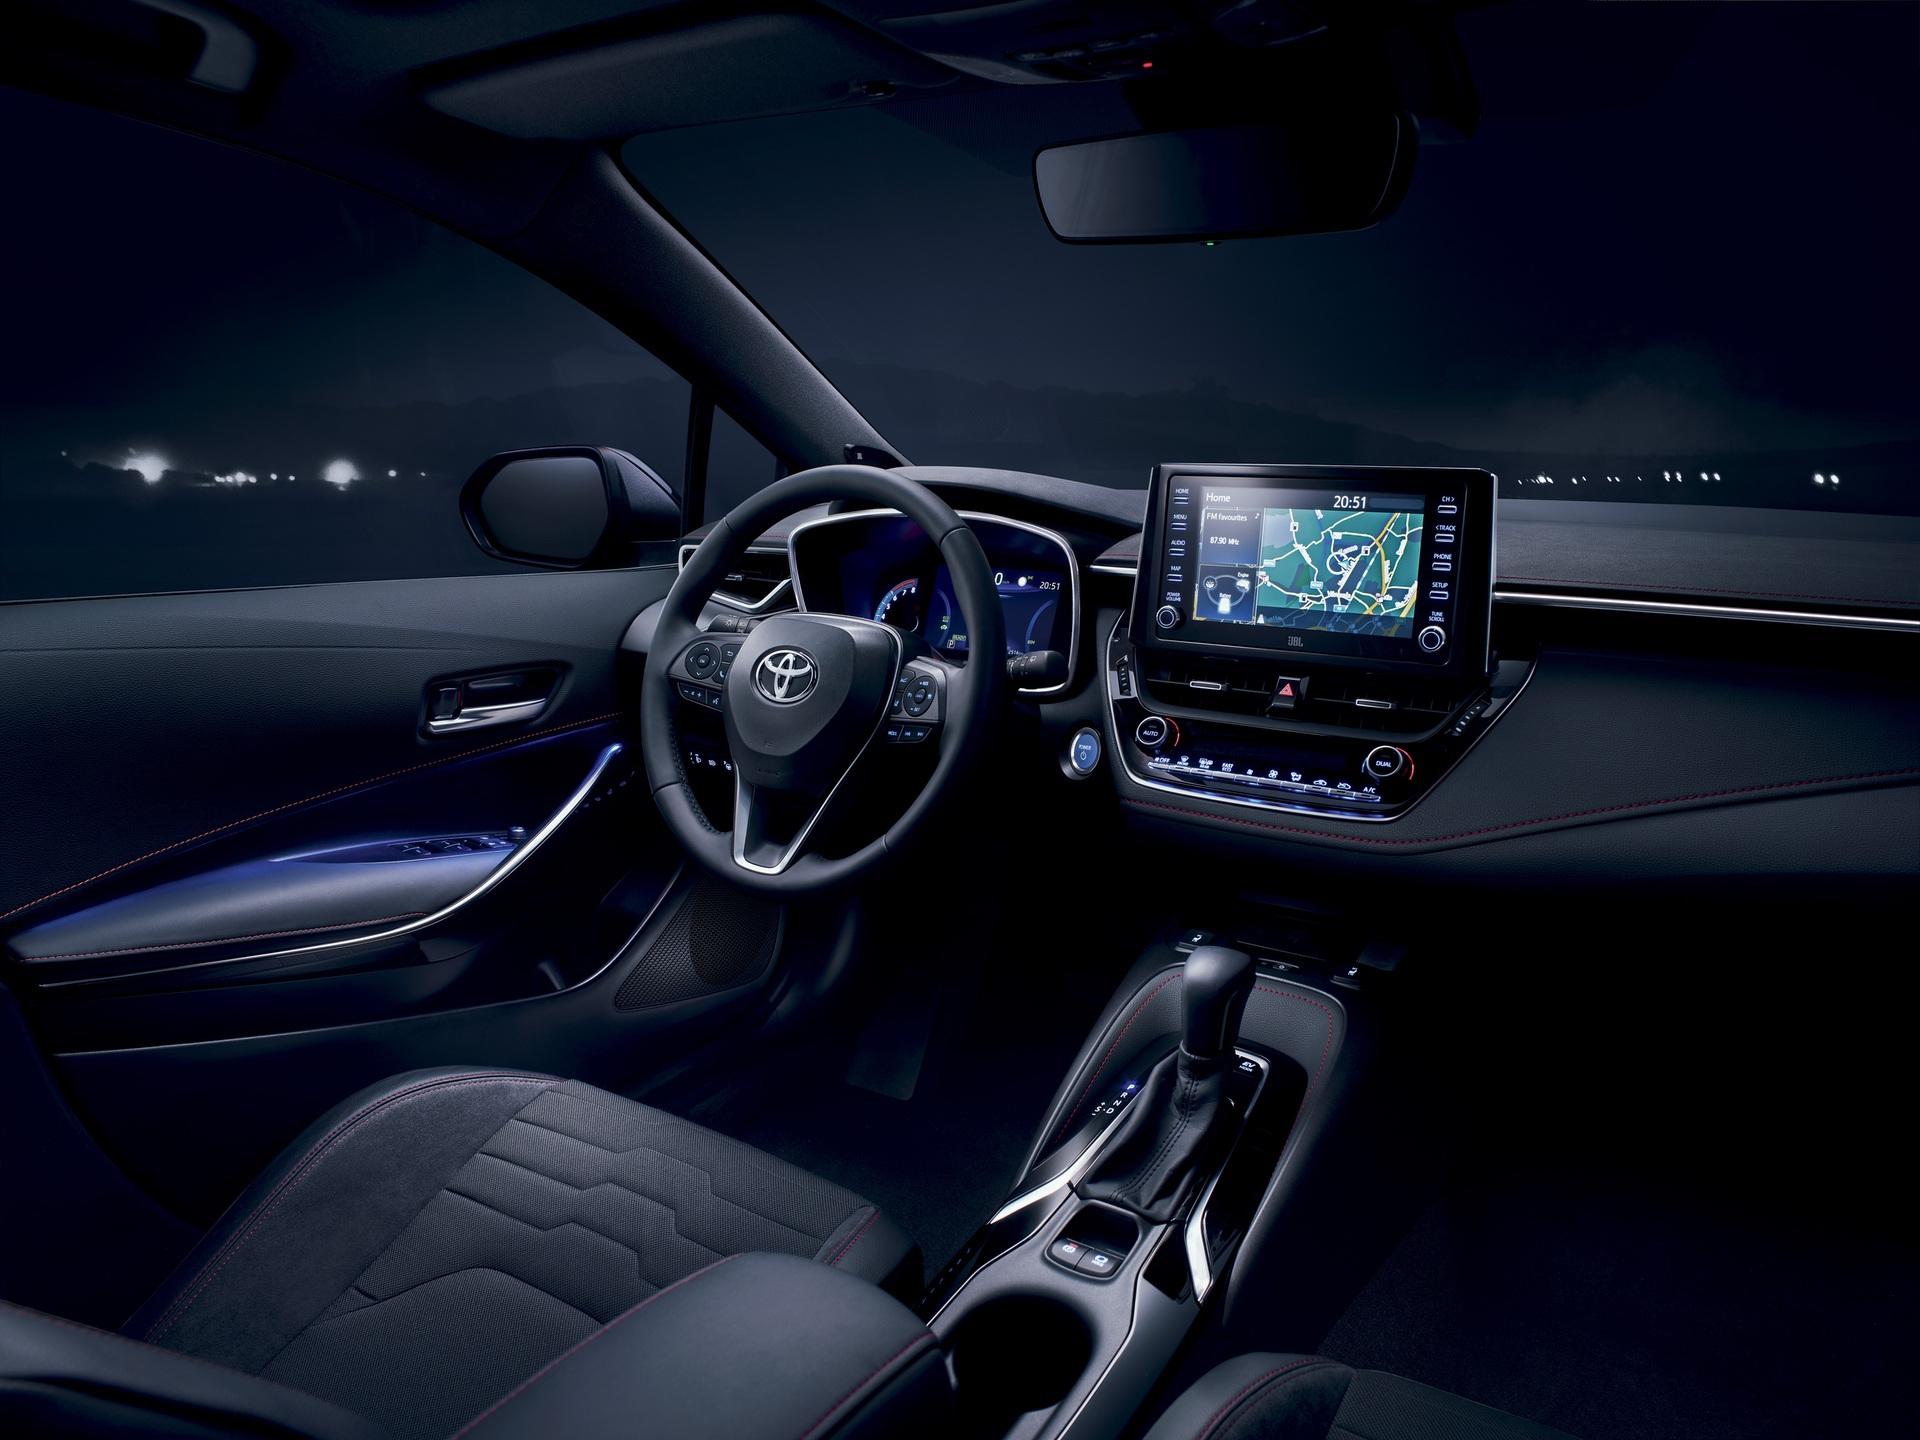 2019_Toyota_Corolla_Hatchback_06